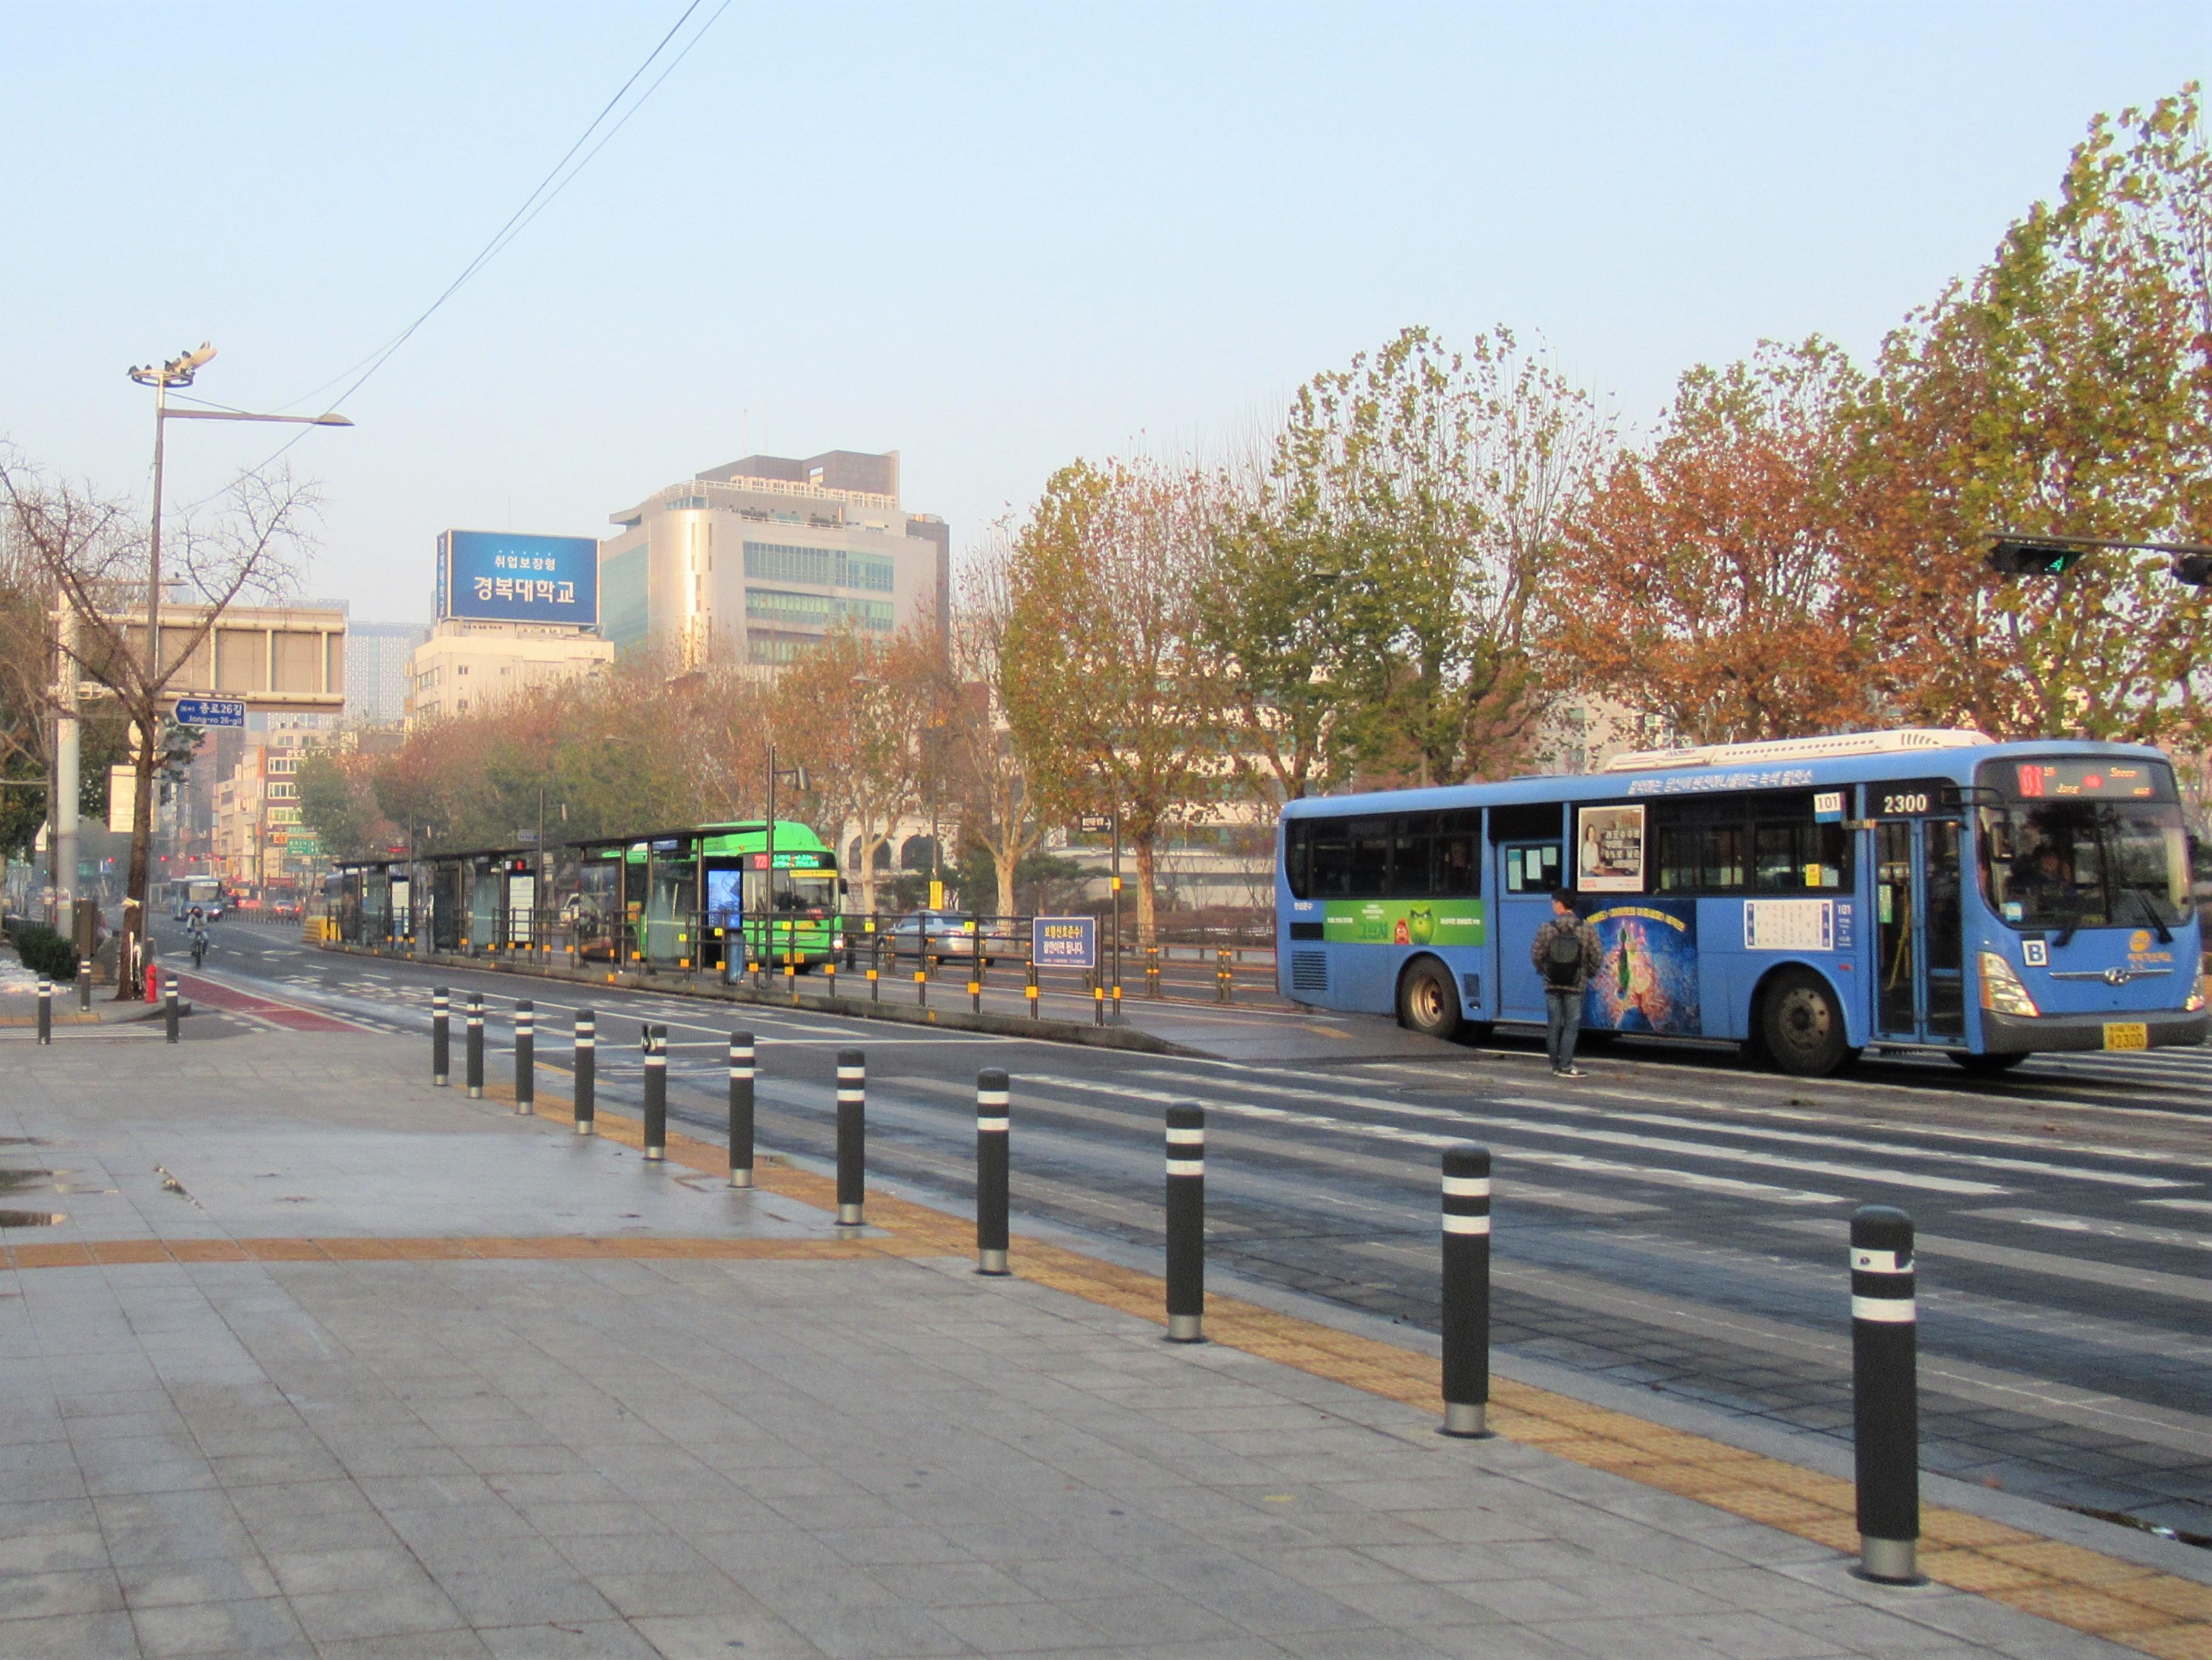 ソウルでのバスの乗り方と注意点☆地下鉄よりも路線バスが便利でオススメ|韓国ブログ旅